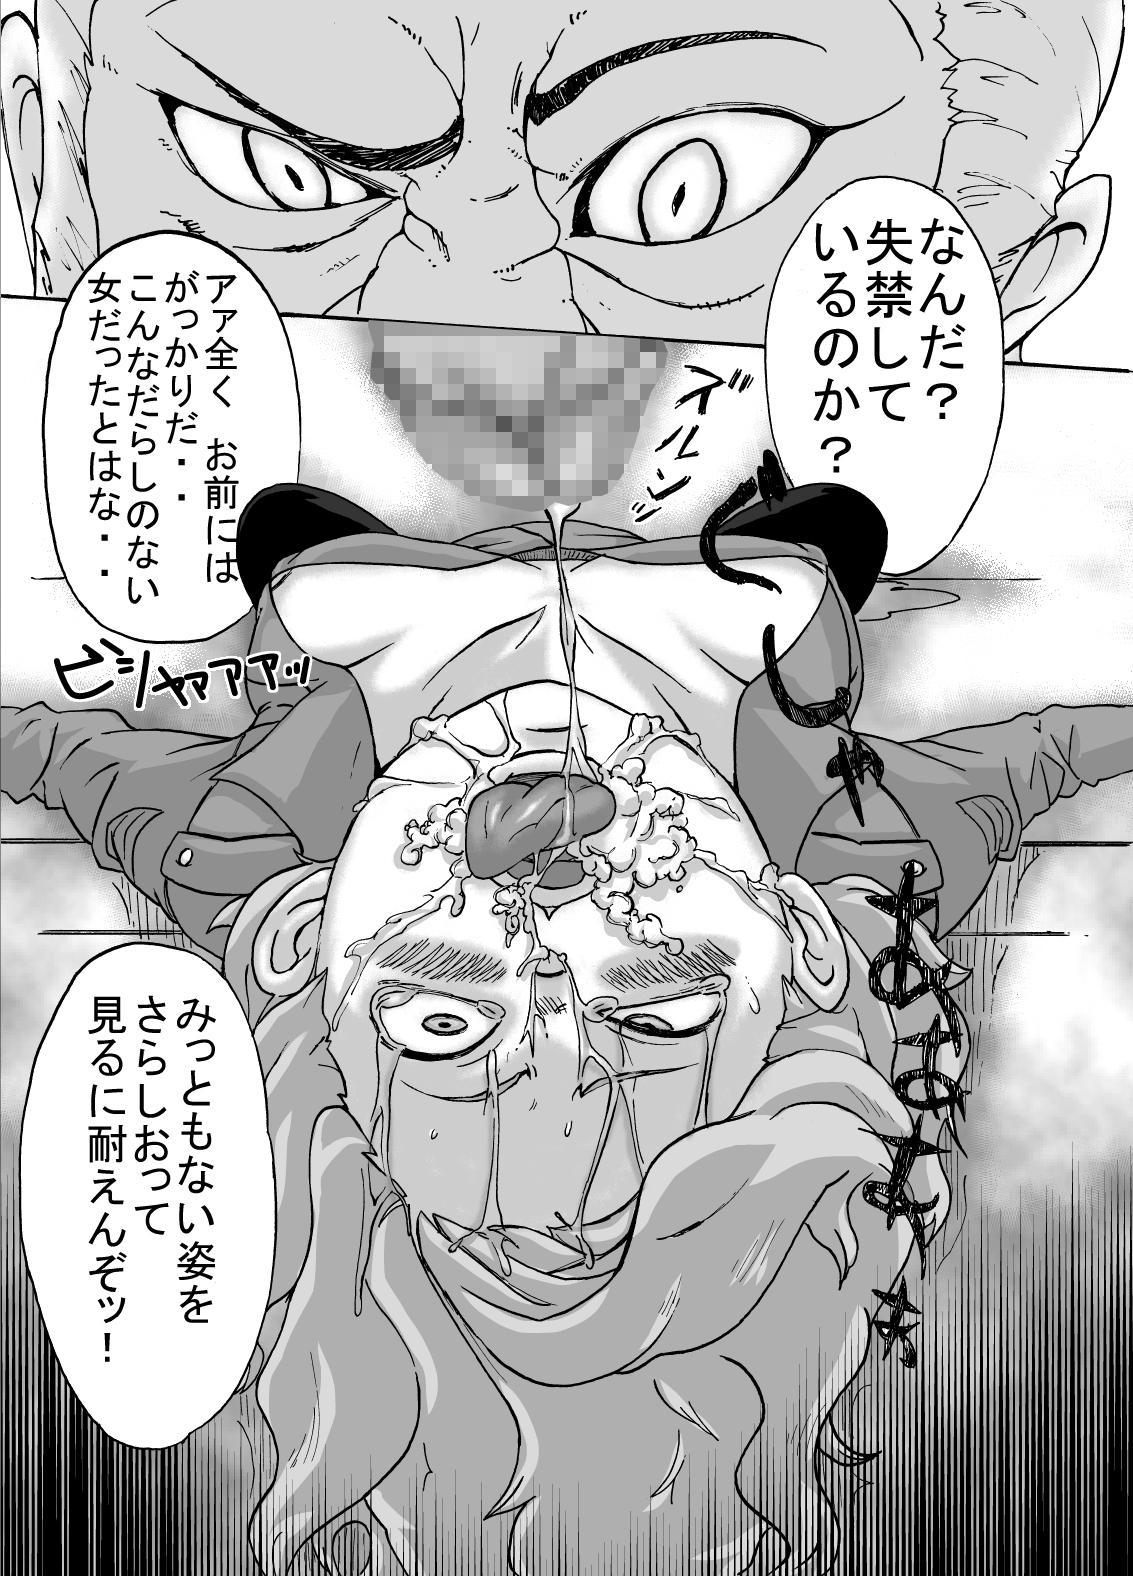 Kemono Human 17